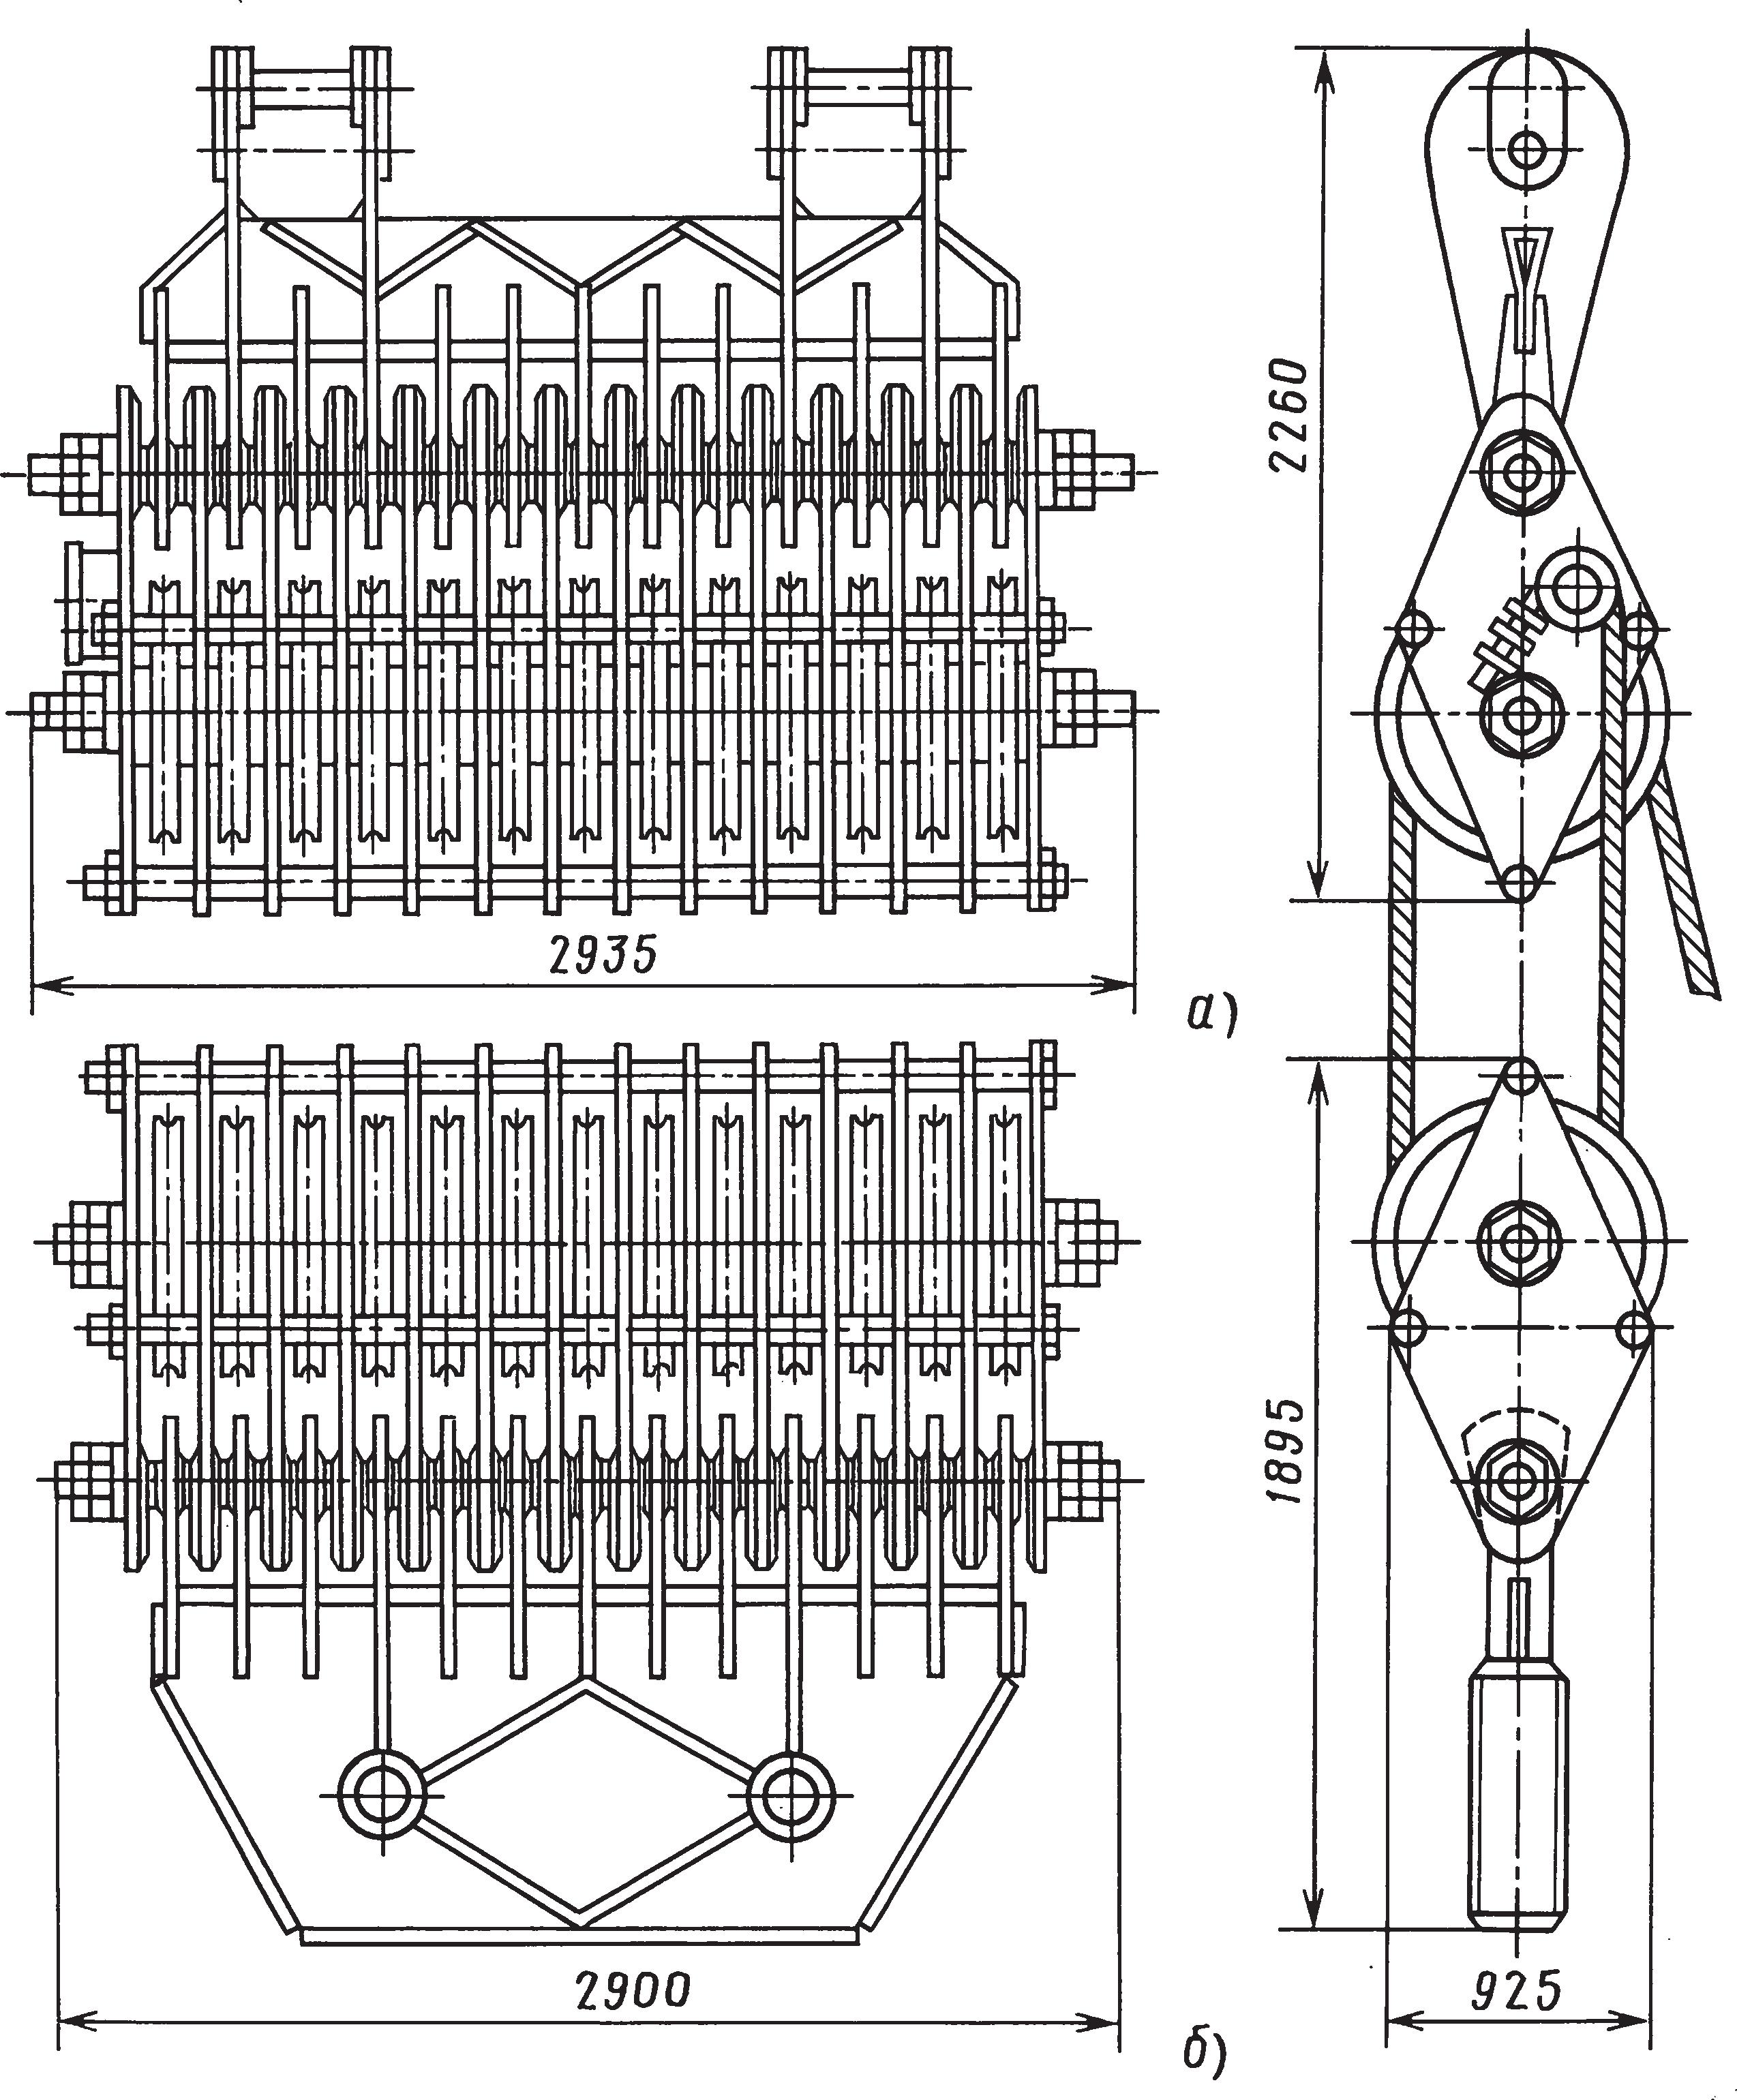 Неподвижная и подвижная блочные обоймы ОБМ-630 с тяговой силой 6300 кН